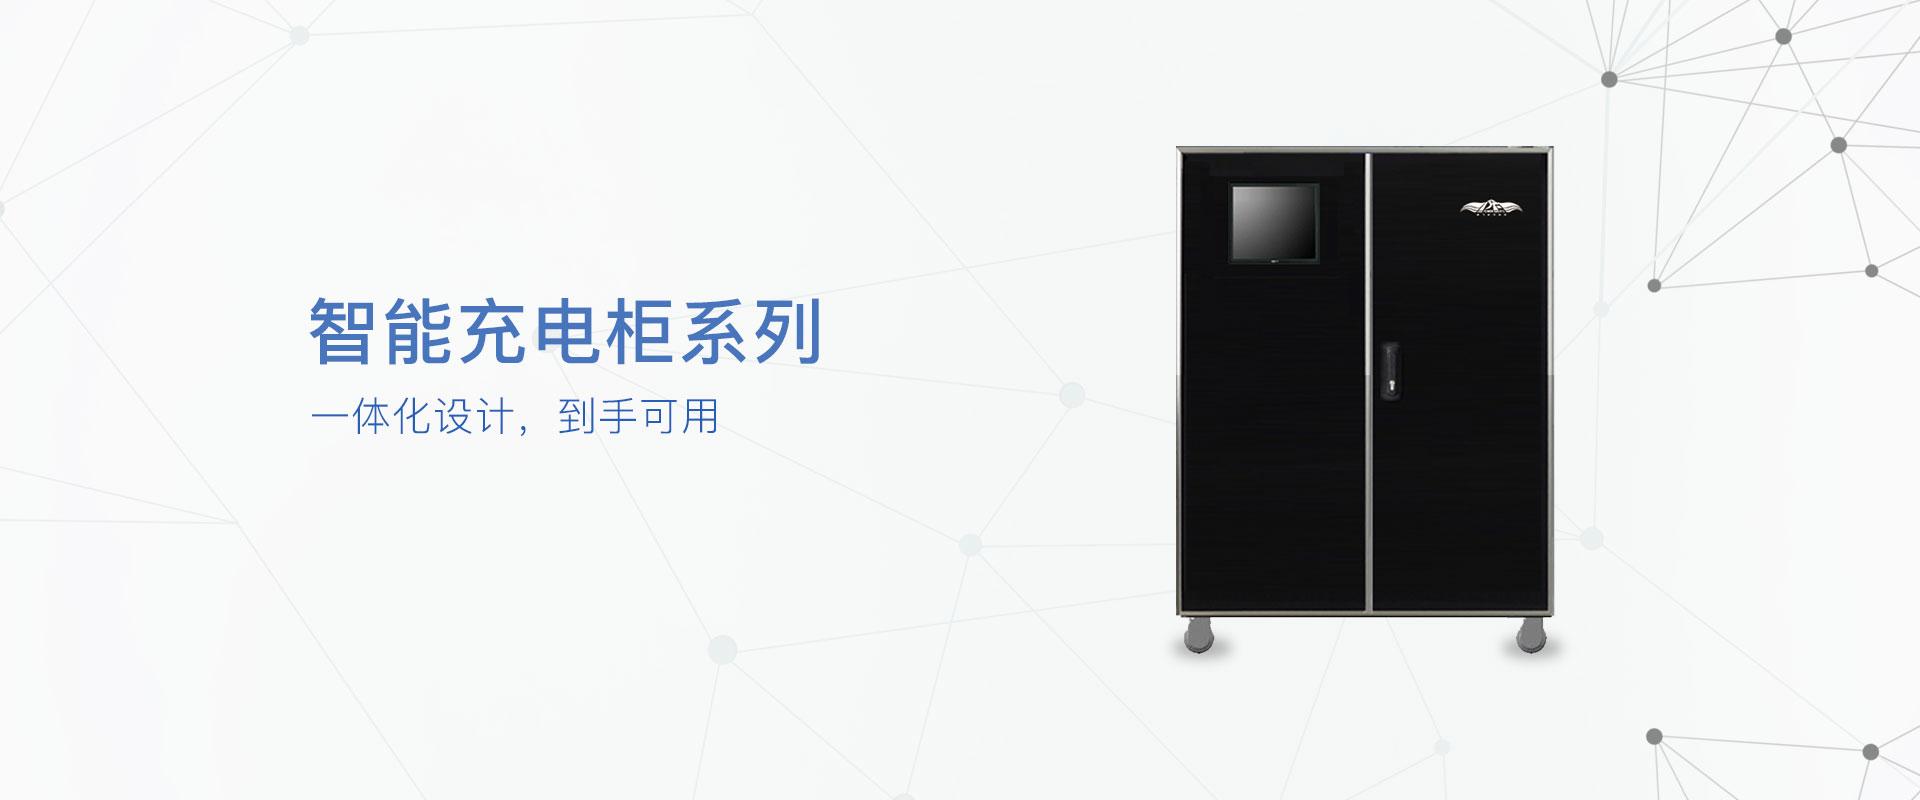 智能充电柜图片